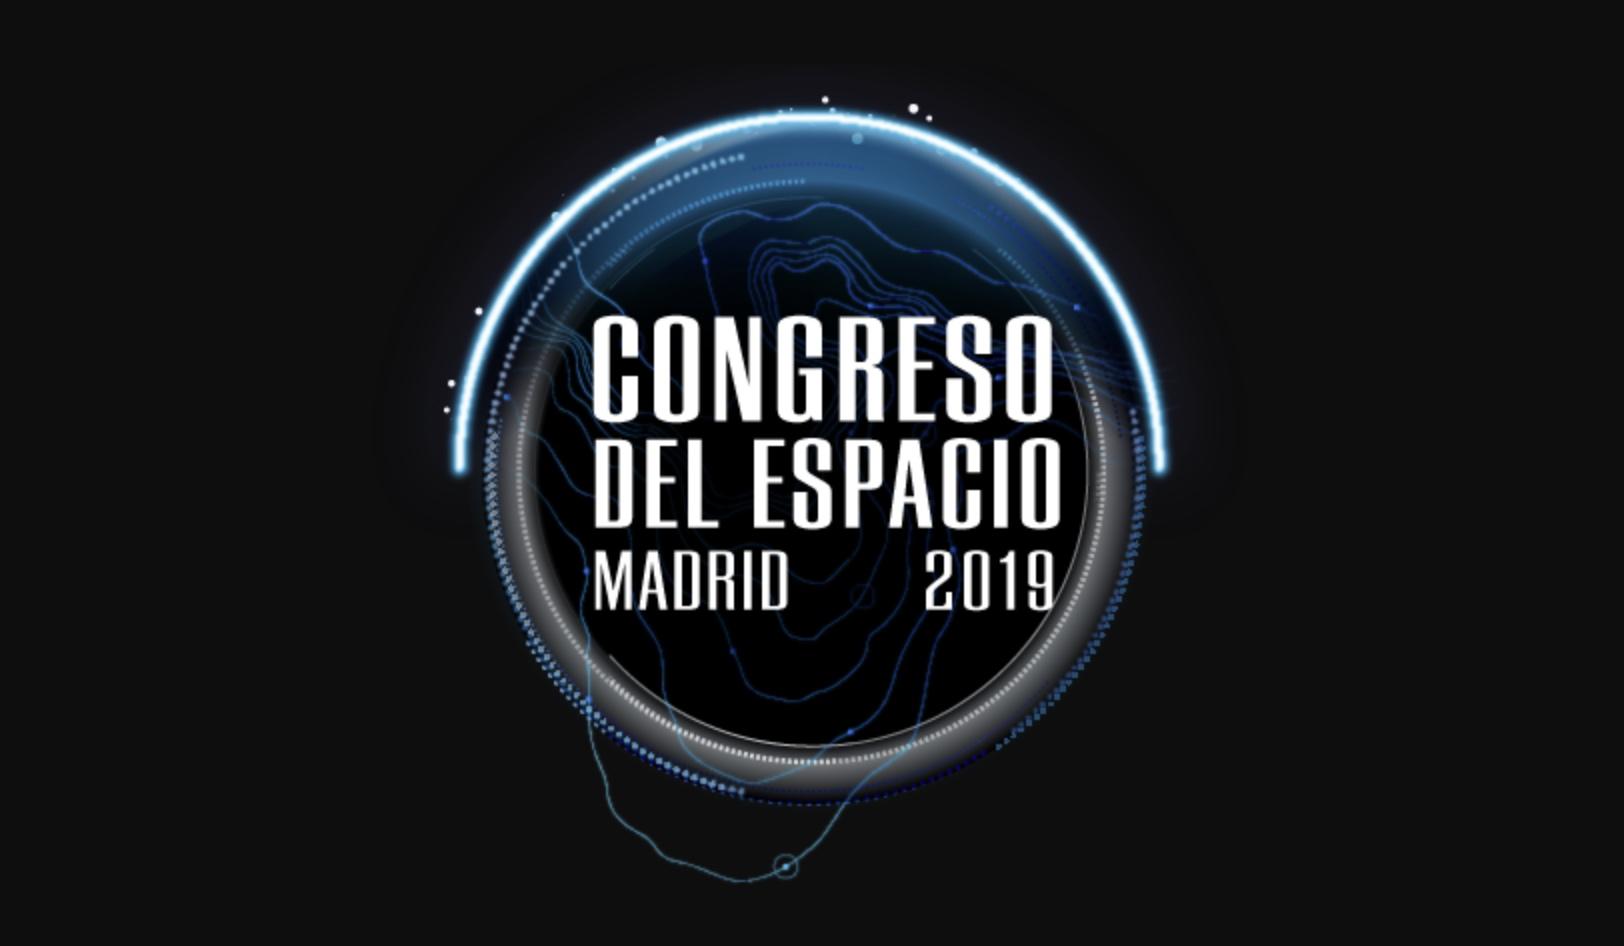 Congreso del Espacio, Madrid, España, Industria aeroespacial española